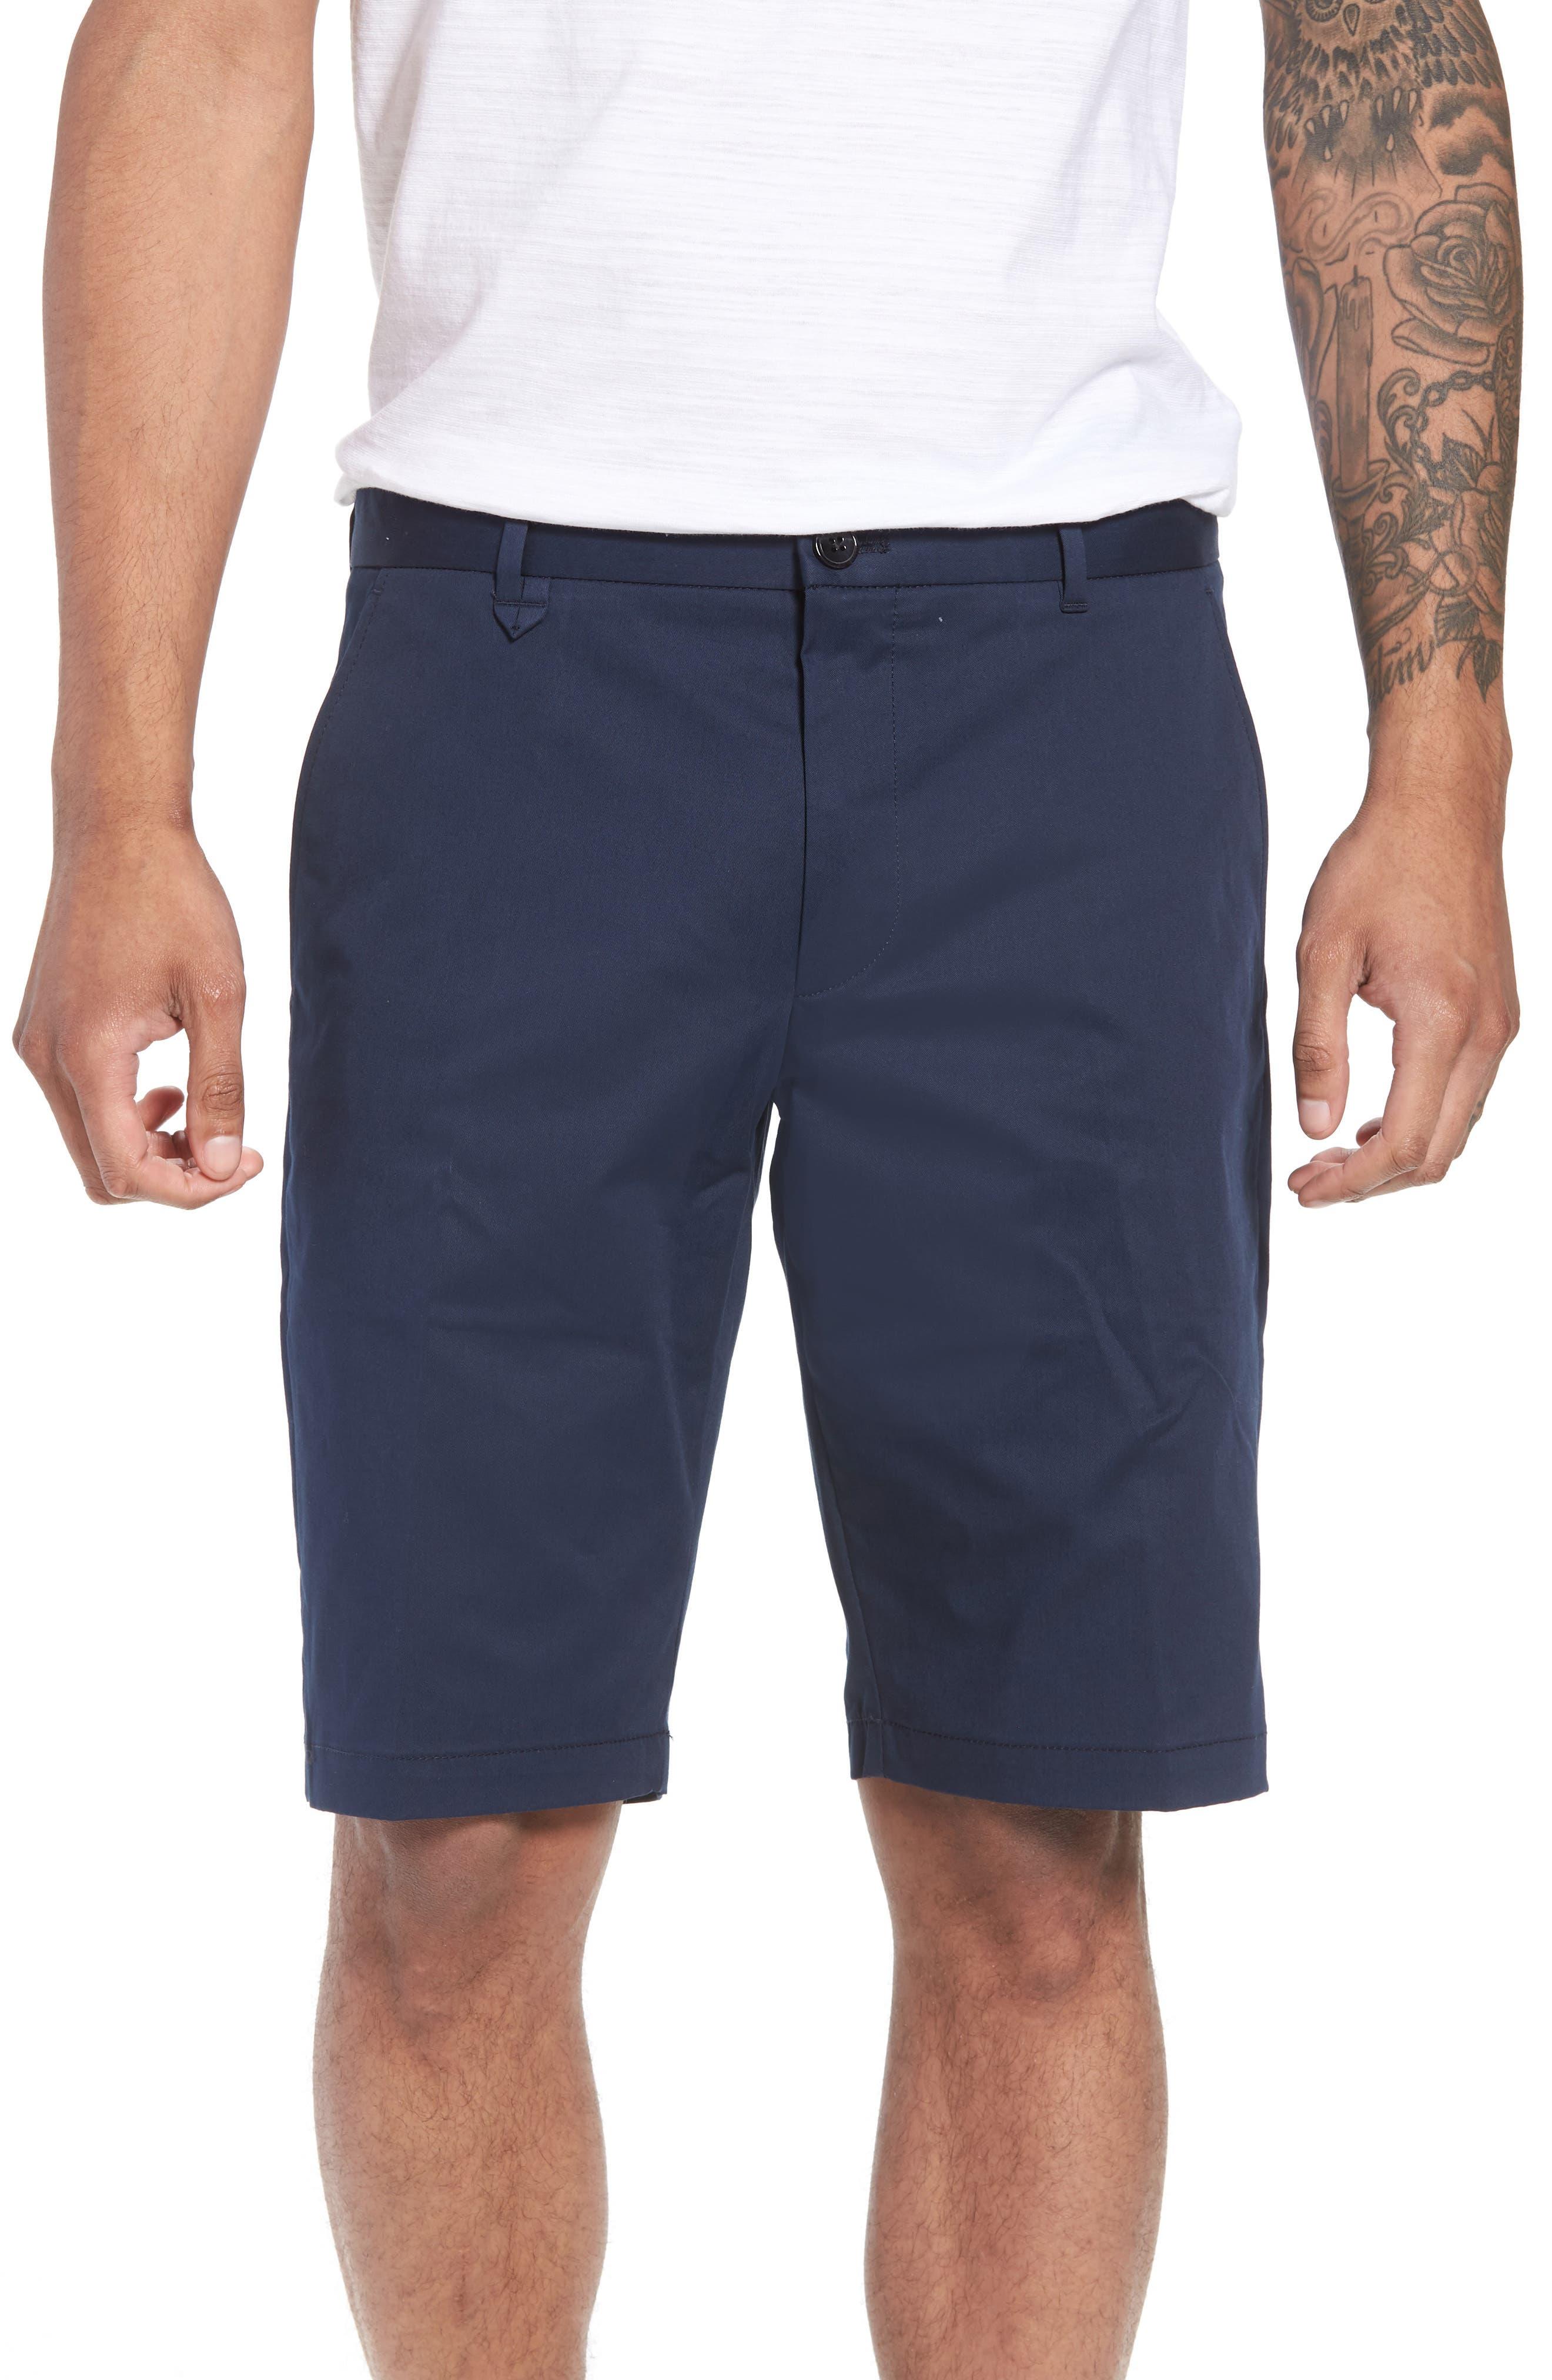 Hano Flat Front Shorts,                             Main thumbnail 1, color,                             Blue